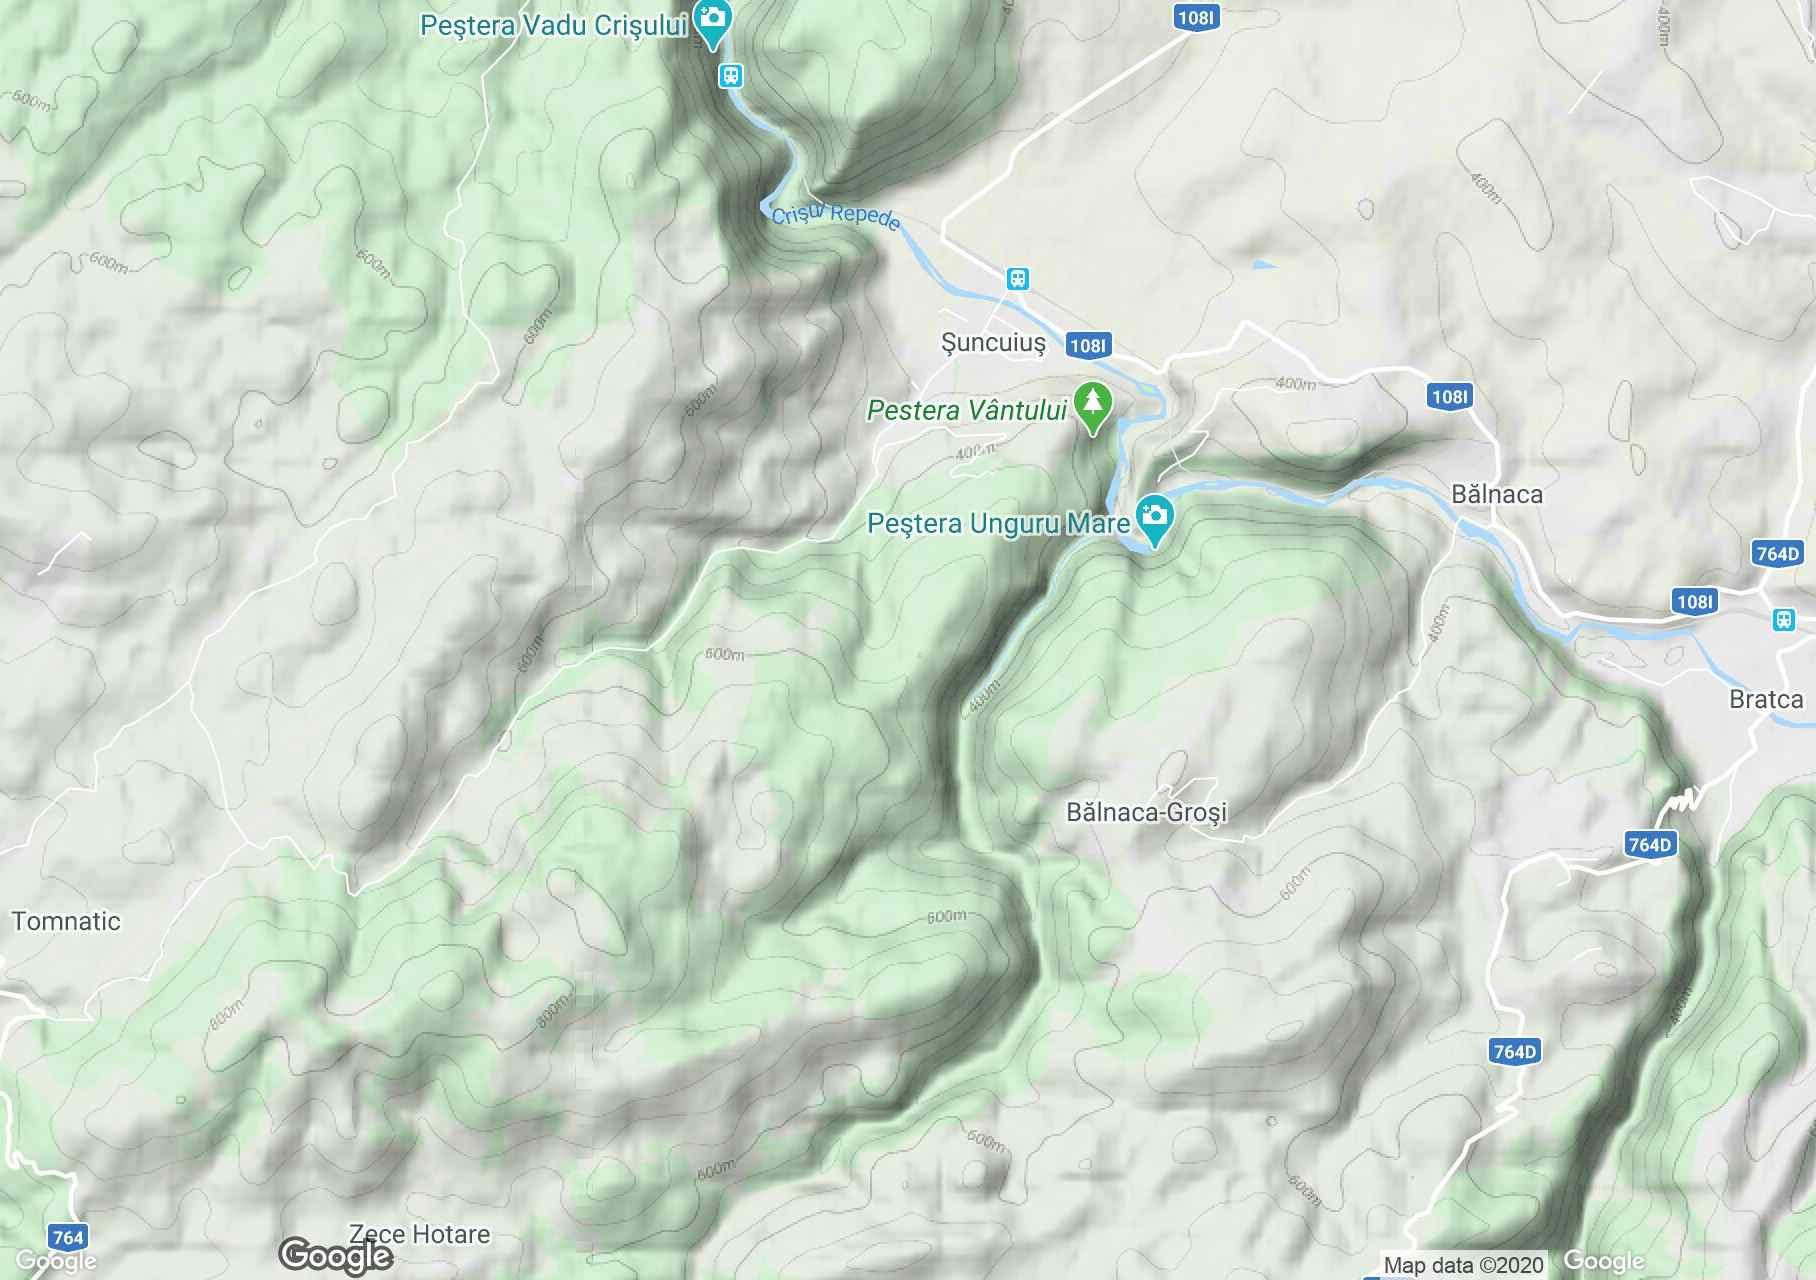 Şuncuiuş, Harta turistică interactivă